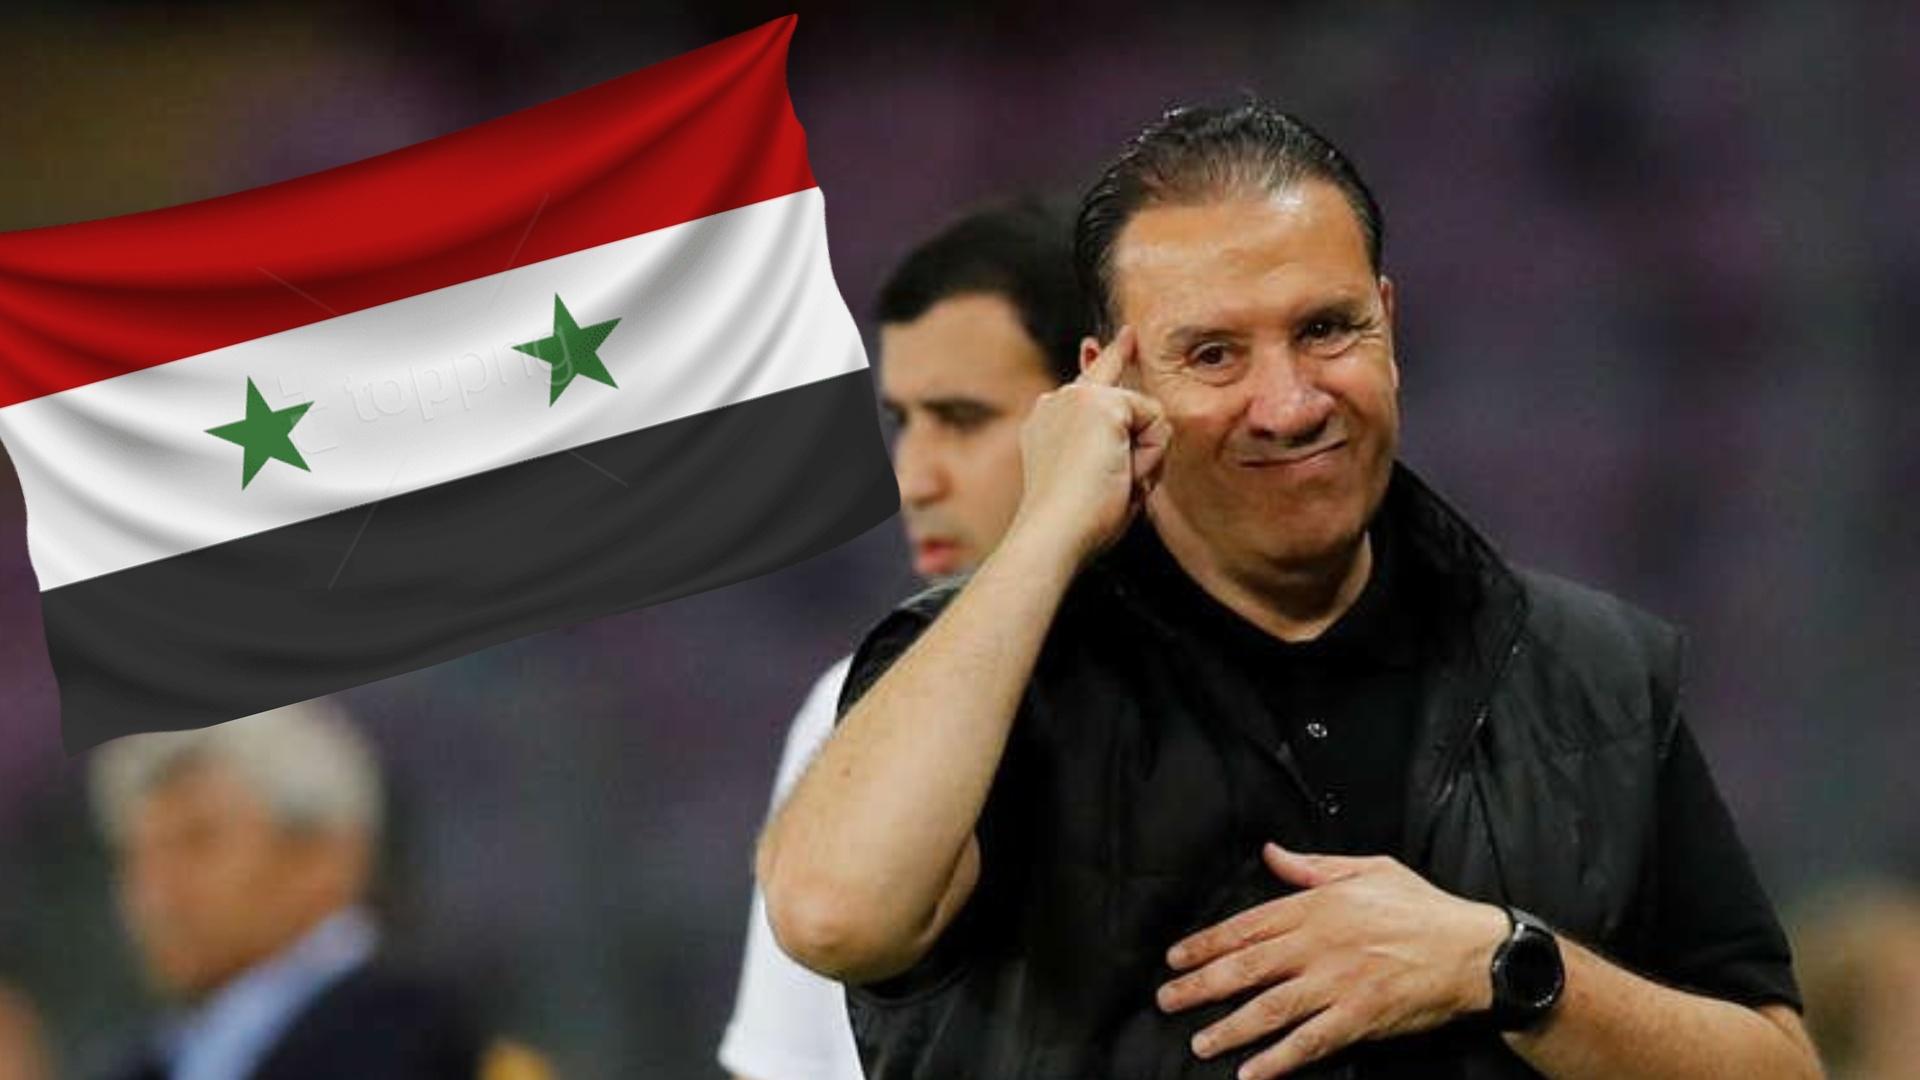 رسميا.. نبيل معلول مدربا لمنتخب سوريا ويغرد بالهدف